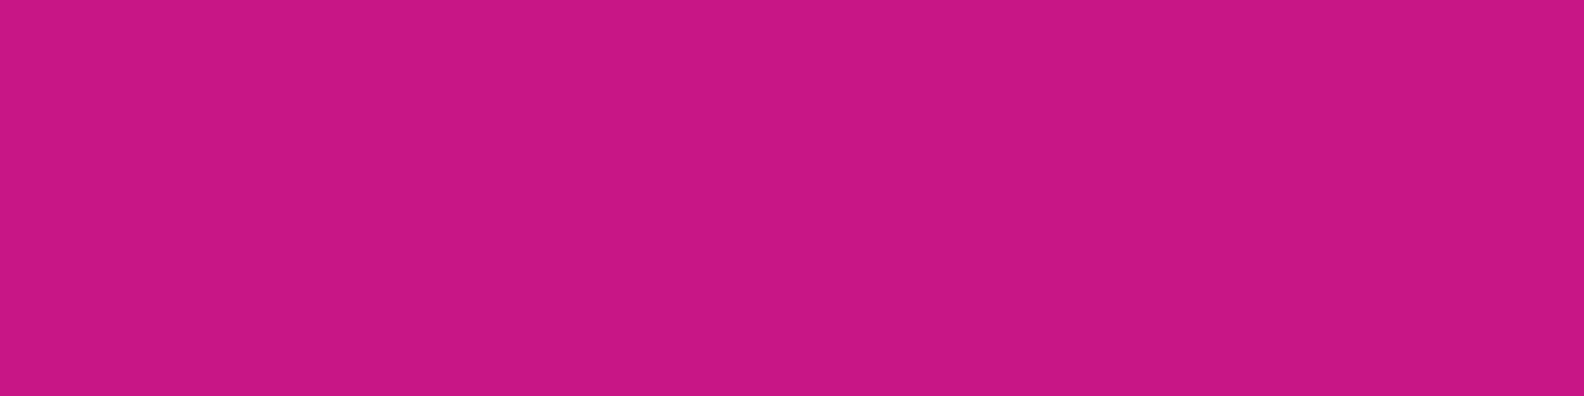 1584x396 Medium Violet-red Solid Color Background